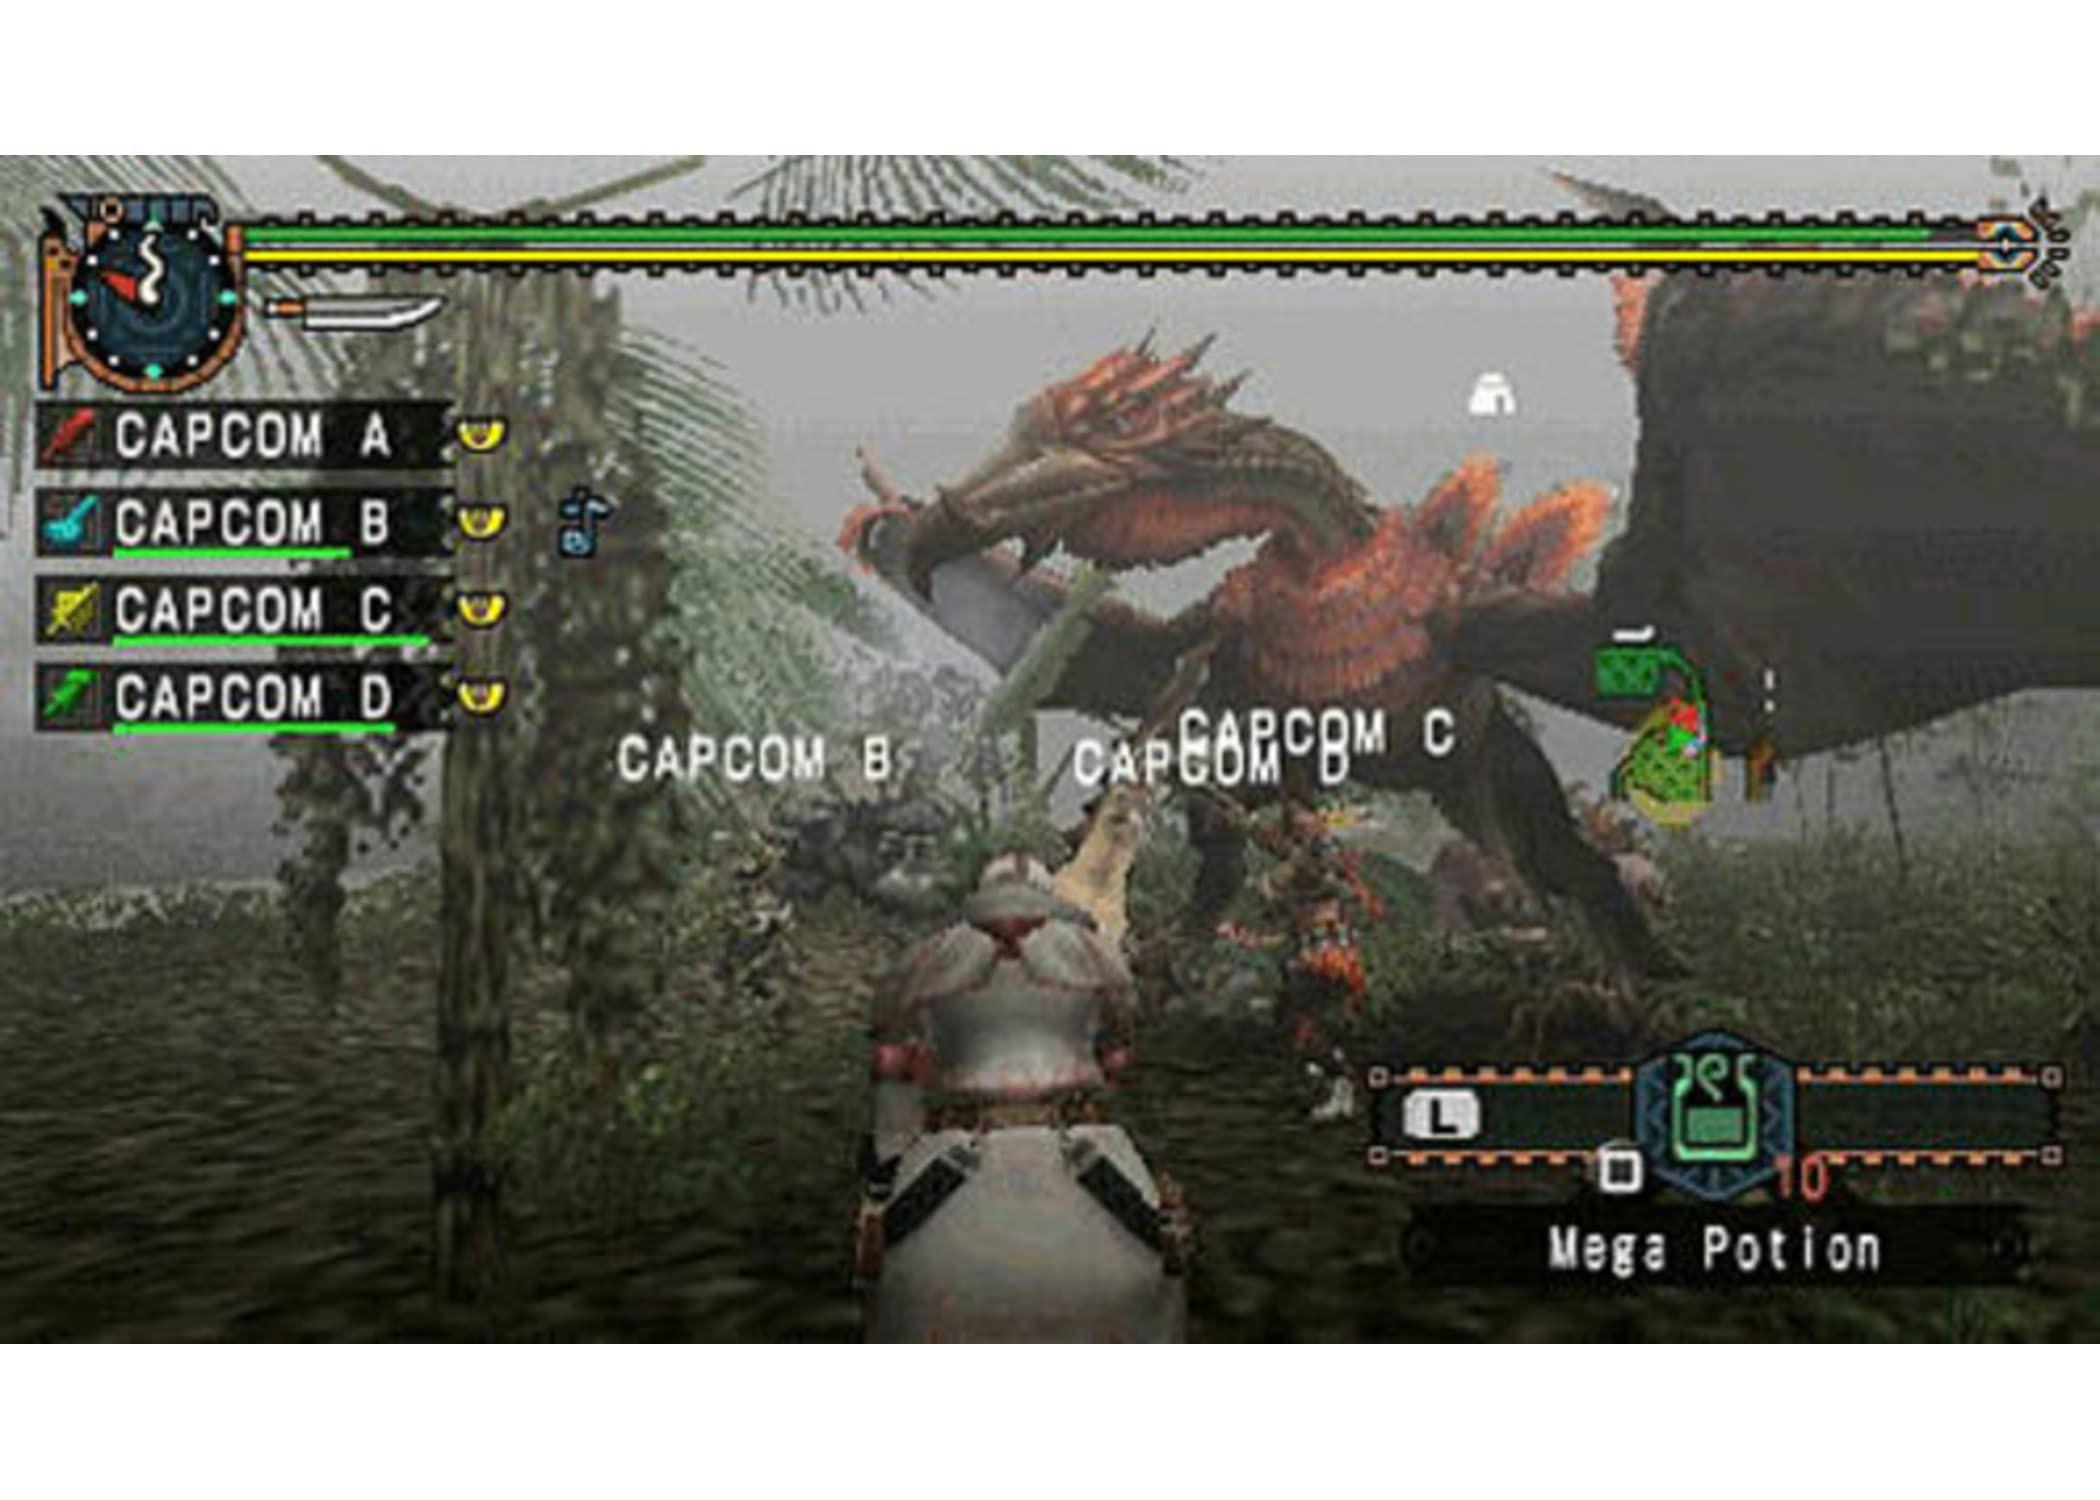 Buy Monster Hunter Freedom Unite On Psp Game Affiliate Spon Hunter Monster Buy Freedom Game